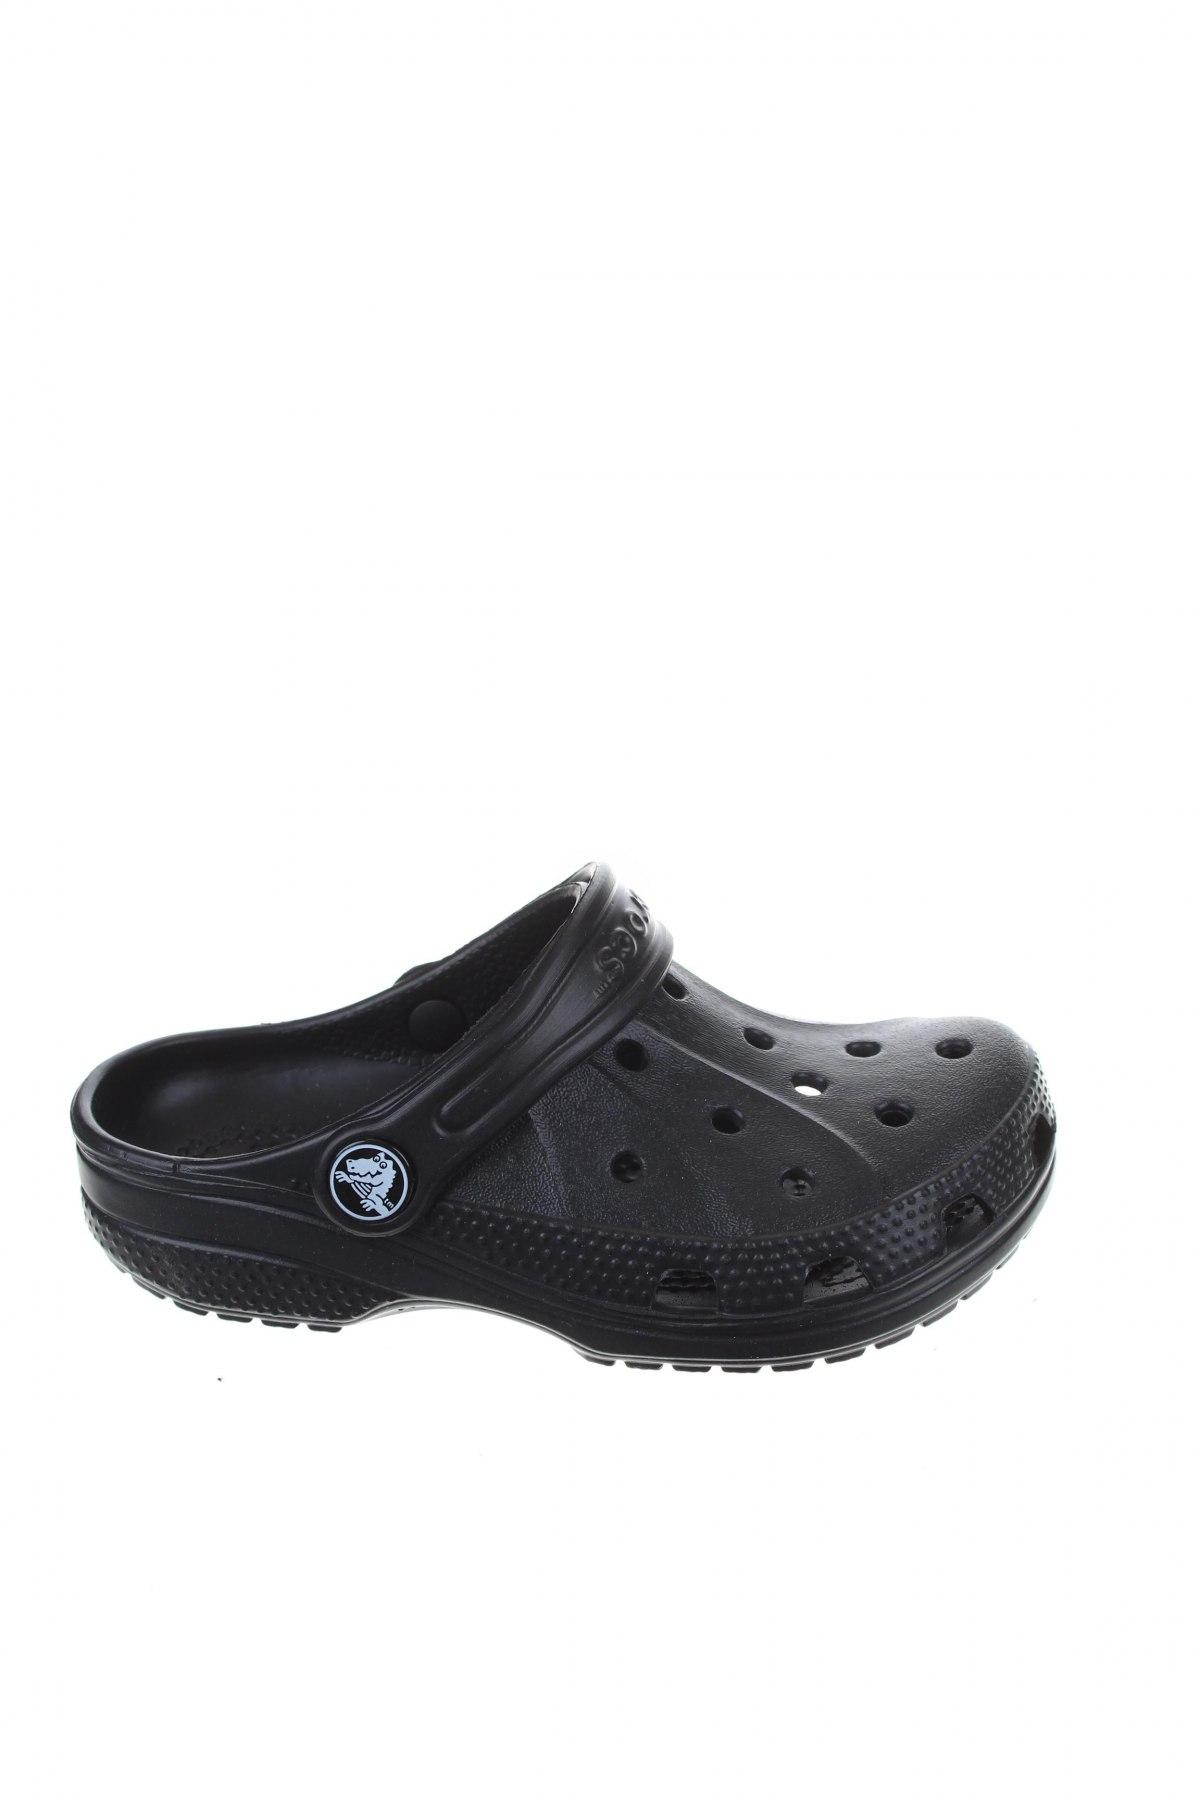 Γυναικείες παντόφλες Crocs, Μέγεθος 25, Χρώμα Μαύρο, Πολυουρεθάνης, Τιμή 21,34€